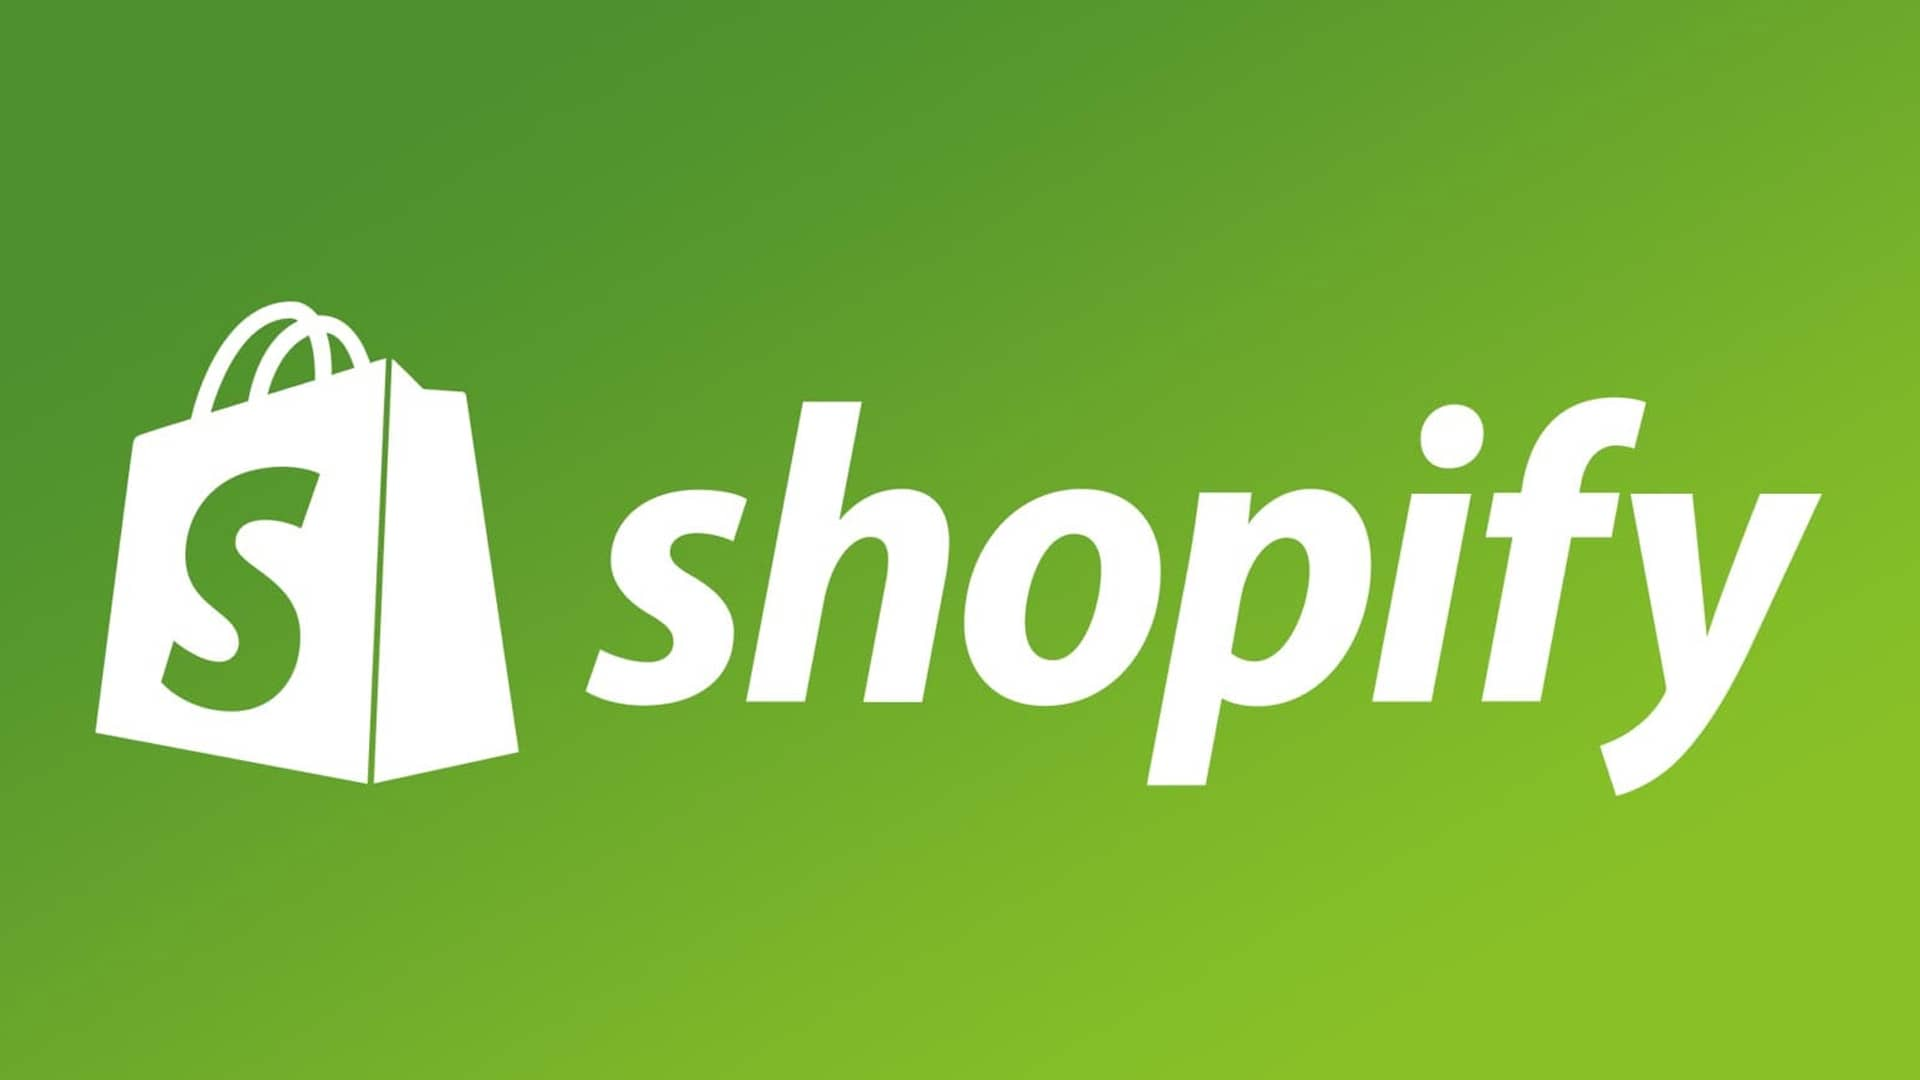 Die Use Cases von Shopify im Focus